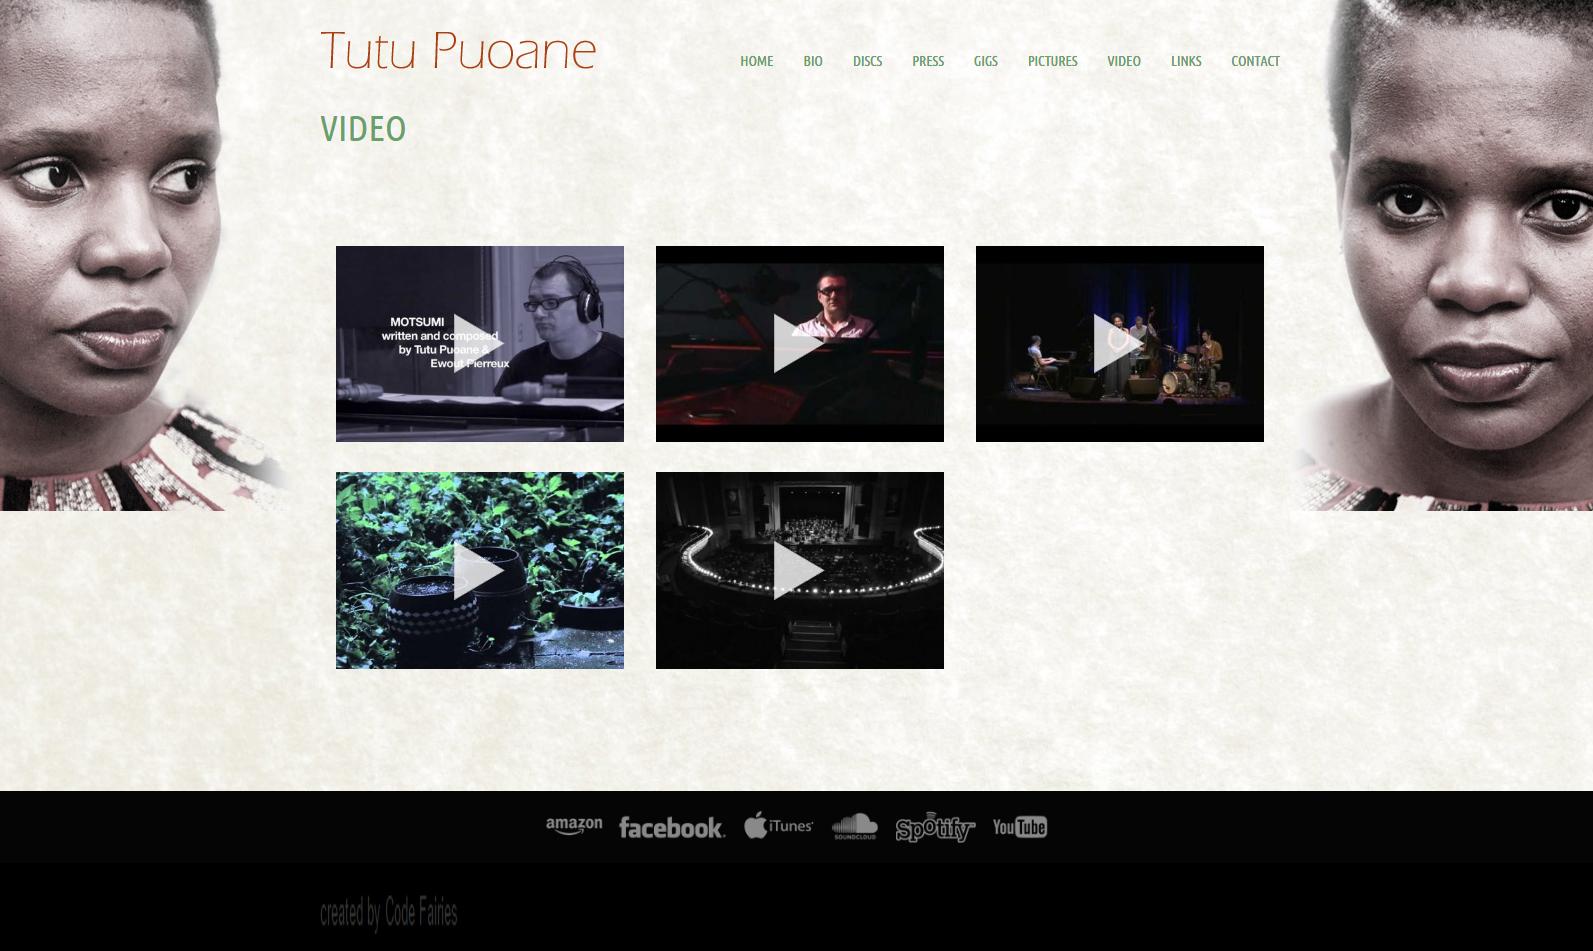 TutuPuoane2